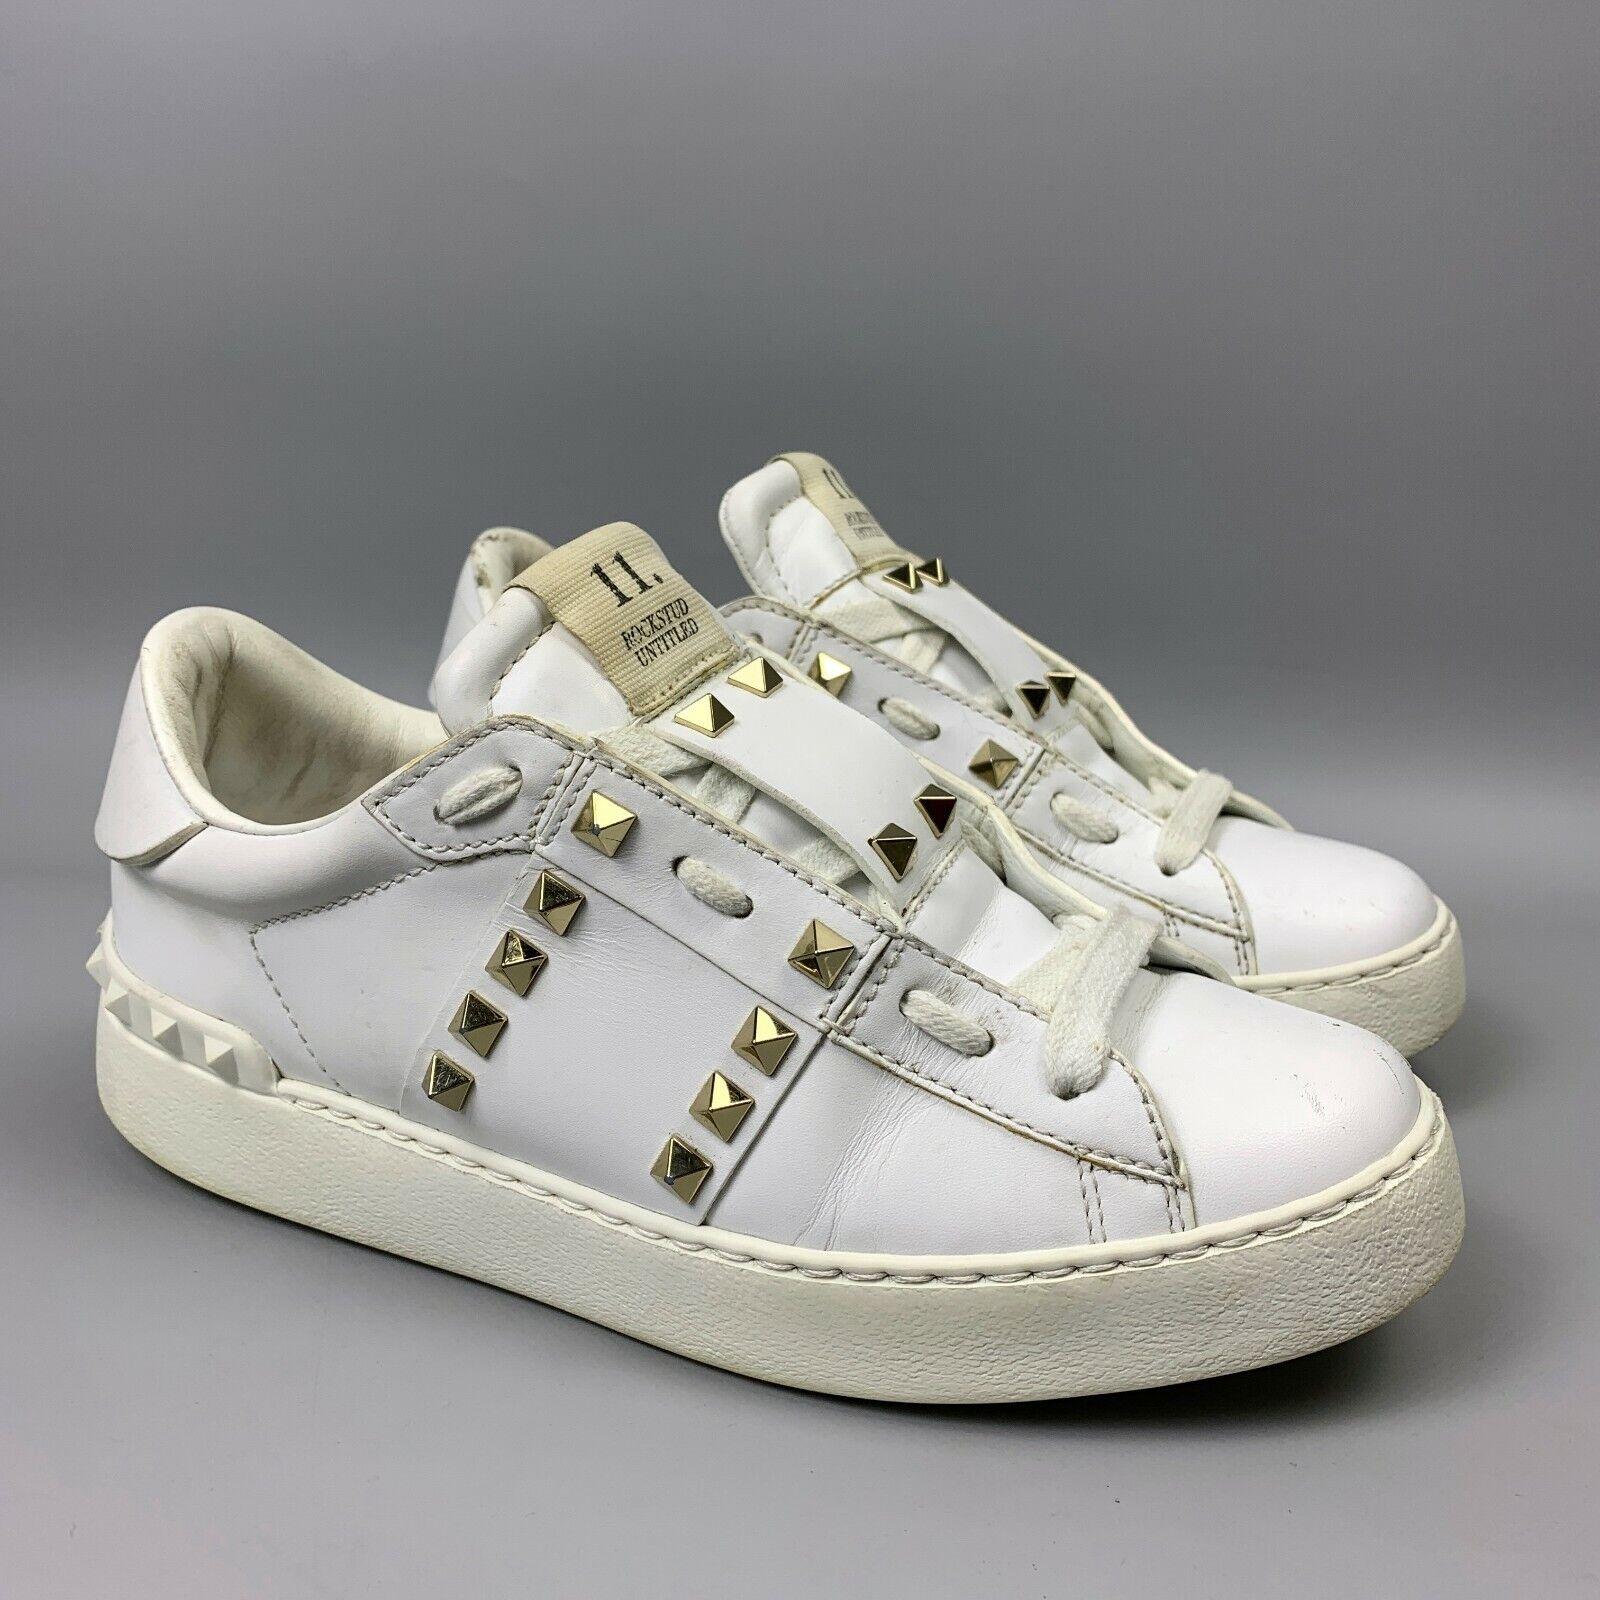 Valentino Garavani rockstud Sneakers Taille 37,5 Femmes Blanc Chaussures en cuir